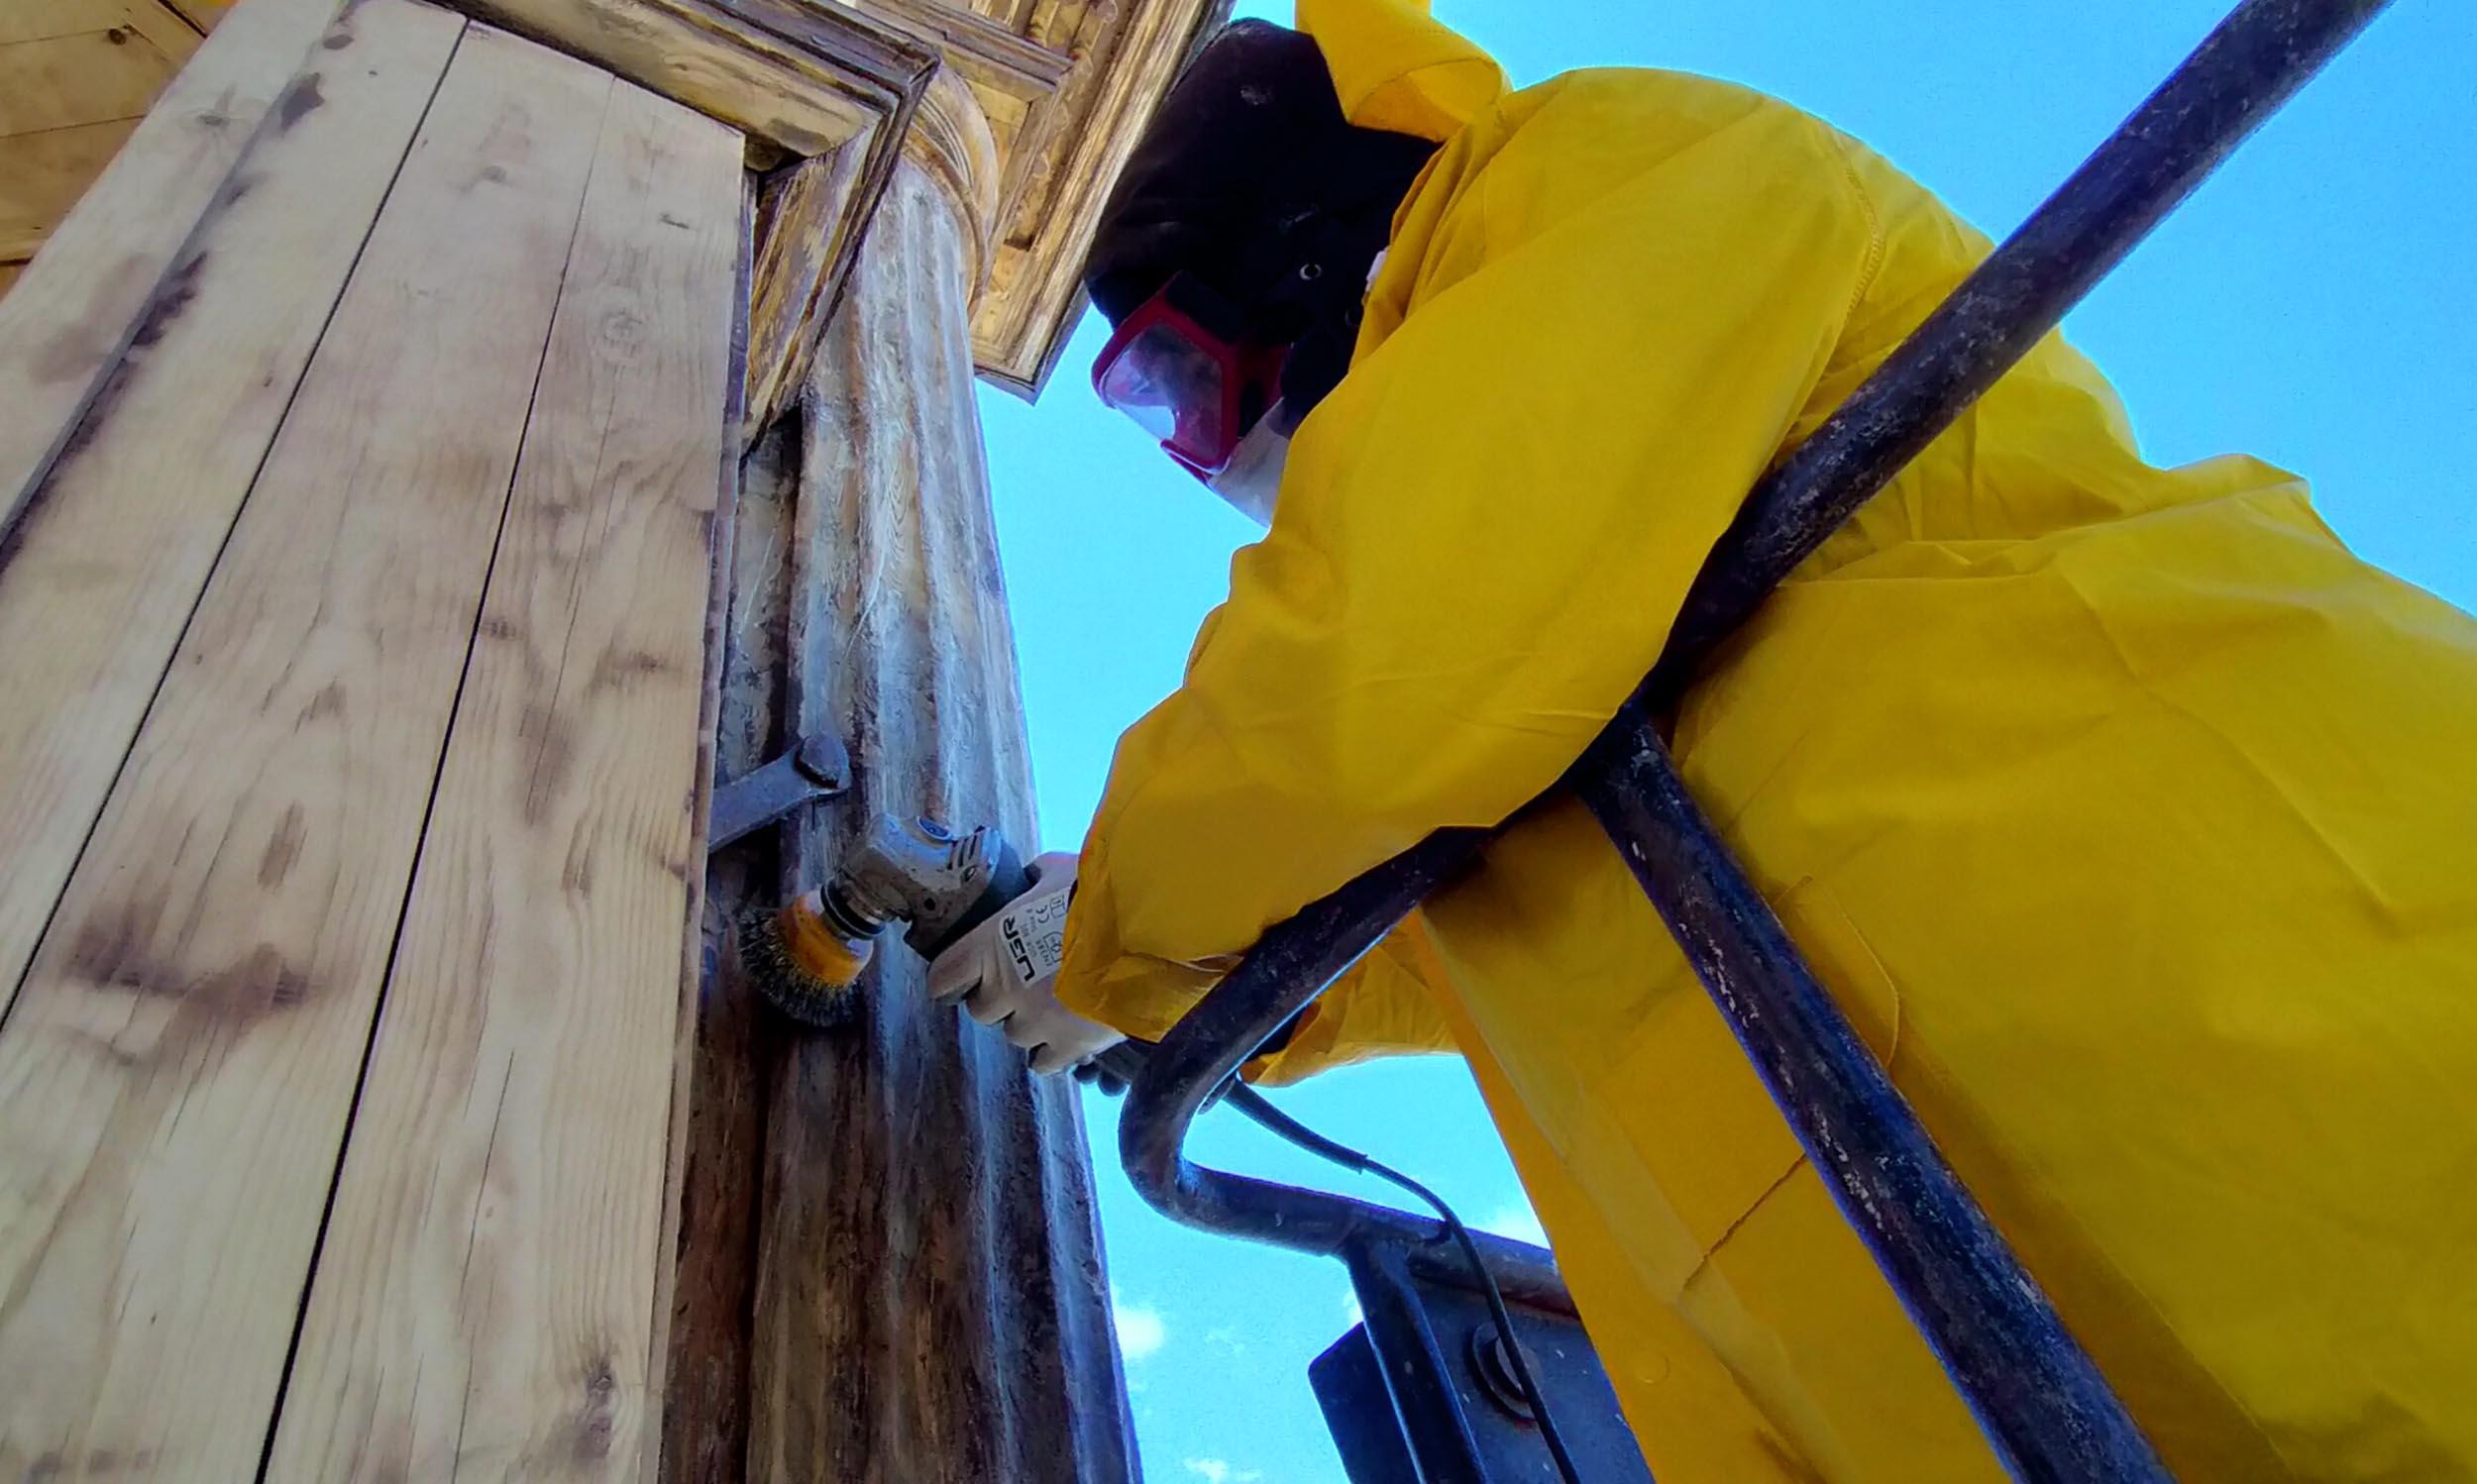 Tarihi saat kulesindeki ahşap köşk restore edildi